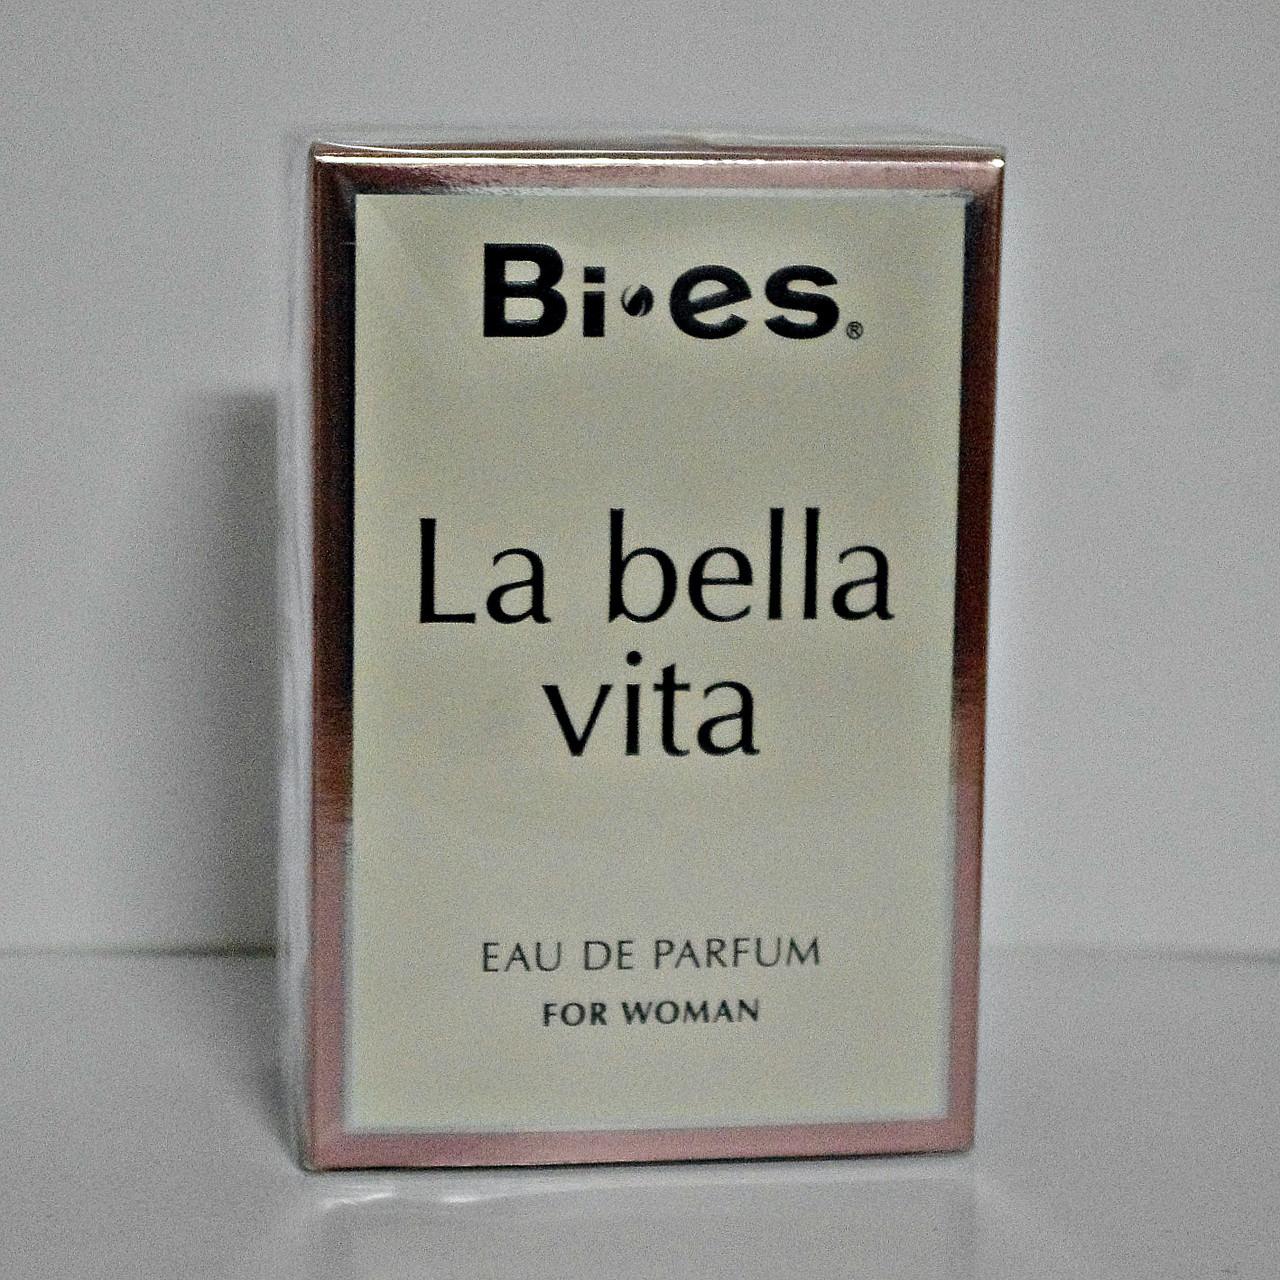 Парфюмированная вода женская La bella vita 100 мл.